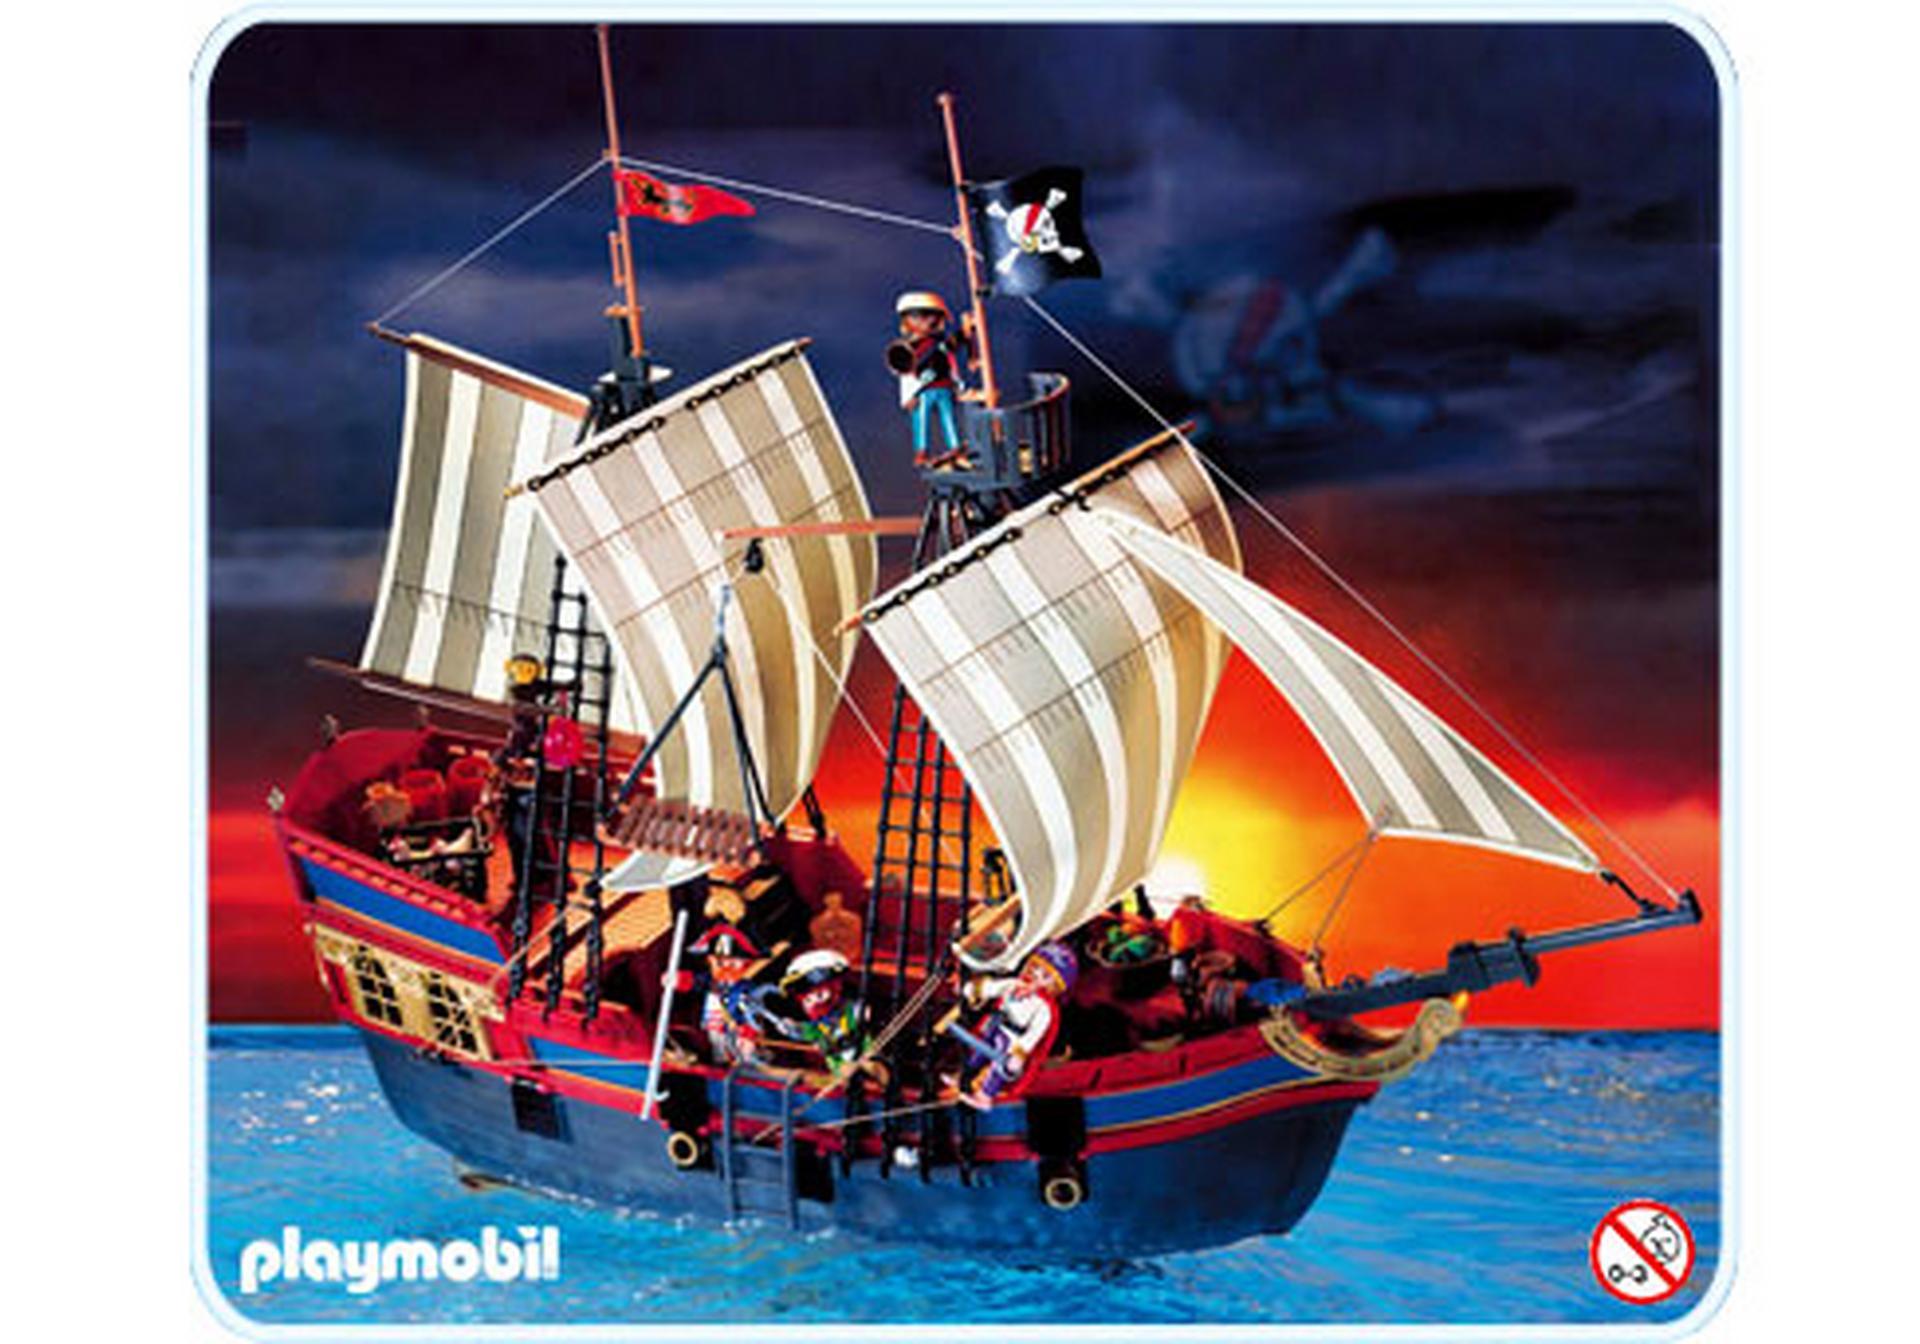 Grosses piratenflaggschiff 3940 a playmobil deutschland for Jugendzimmer playmobil